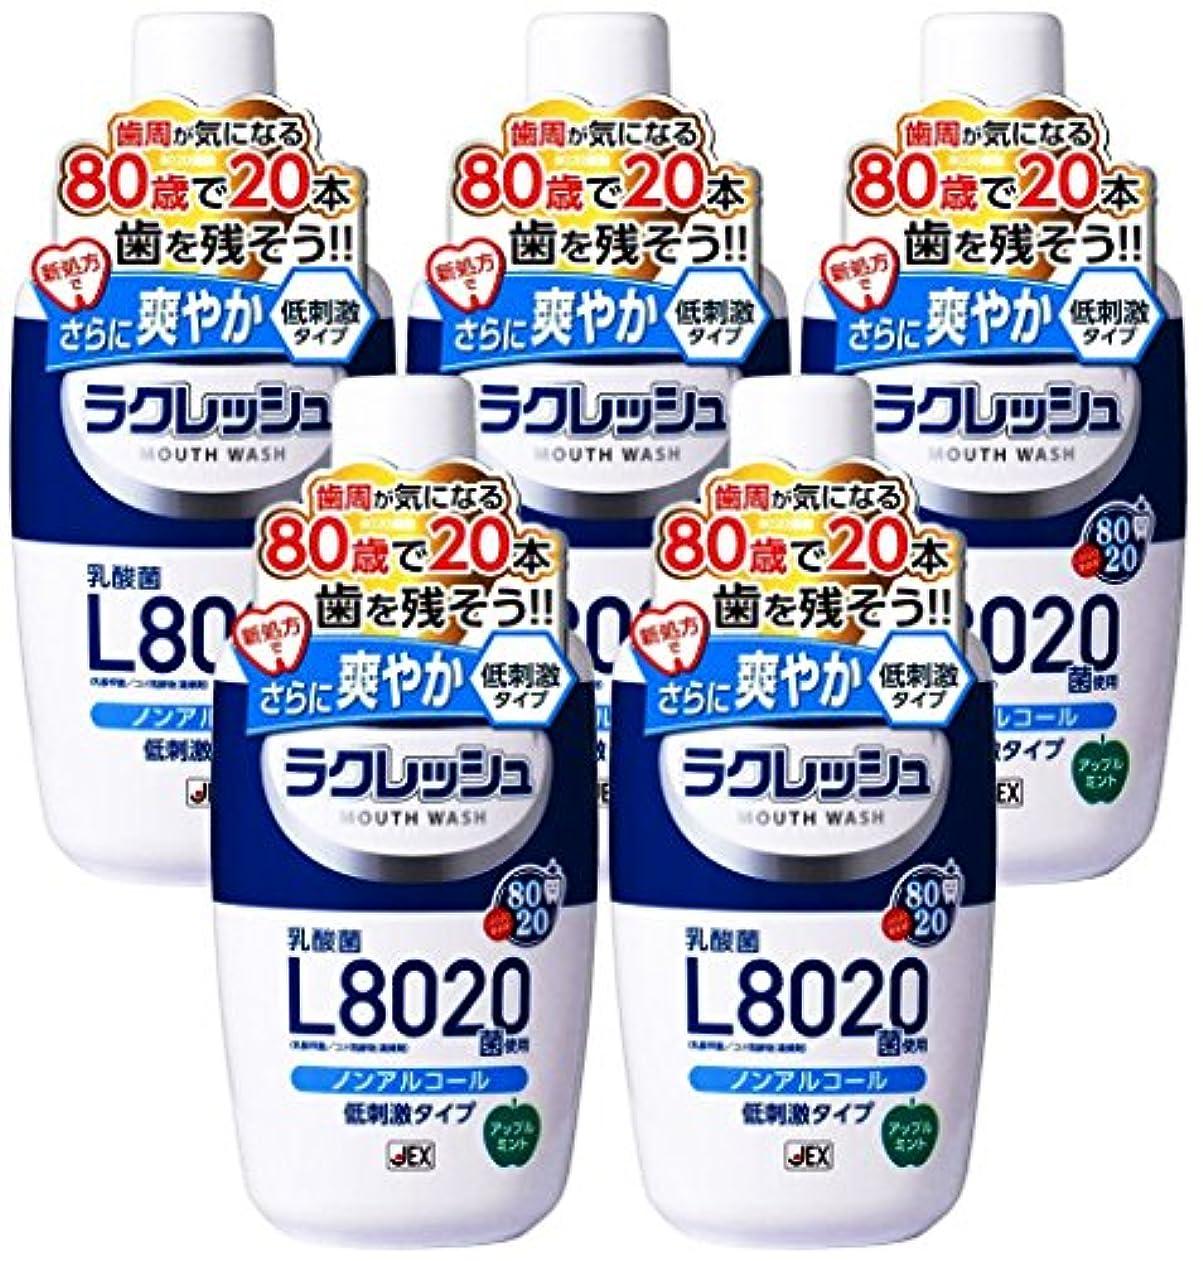 トリム溶接楽観的ラクレッシュ L8020菌 マウスウォッシュ 5本セット